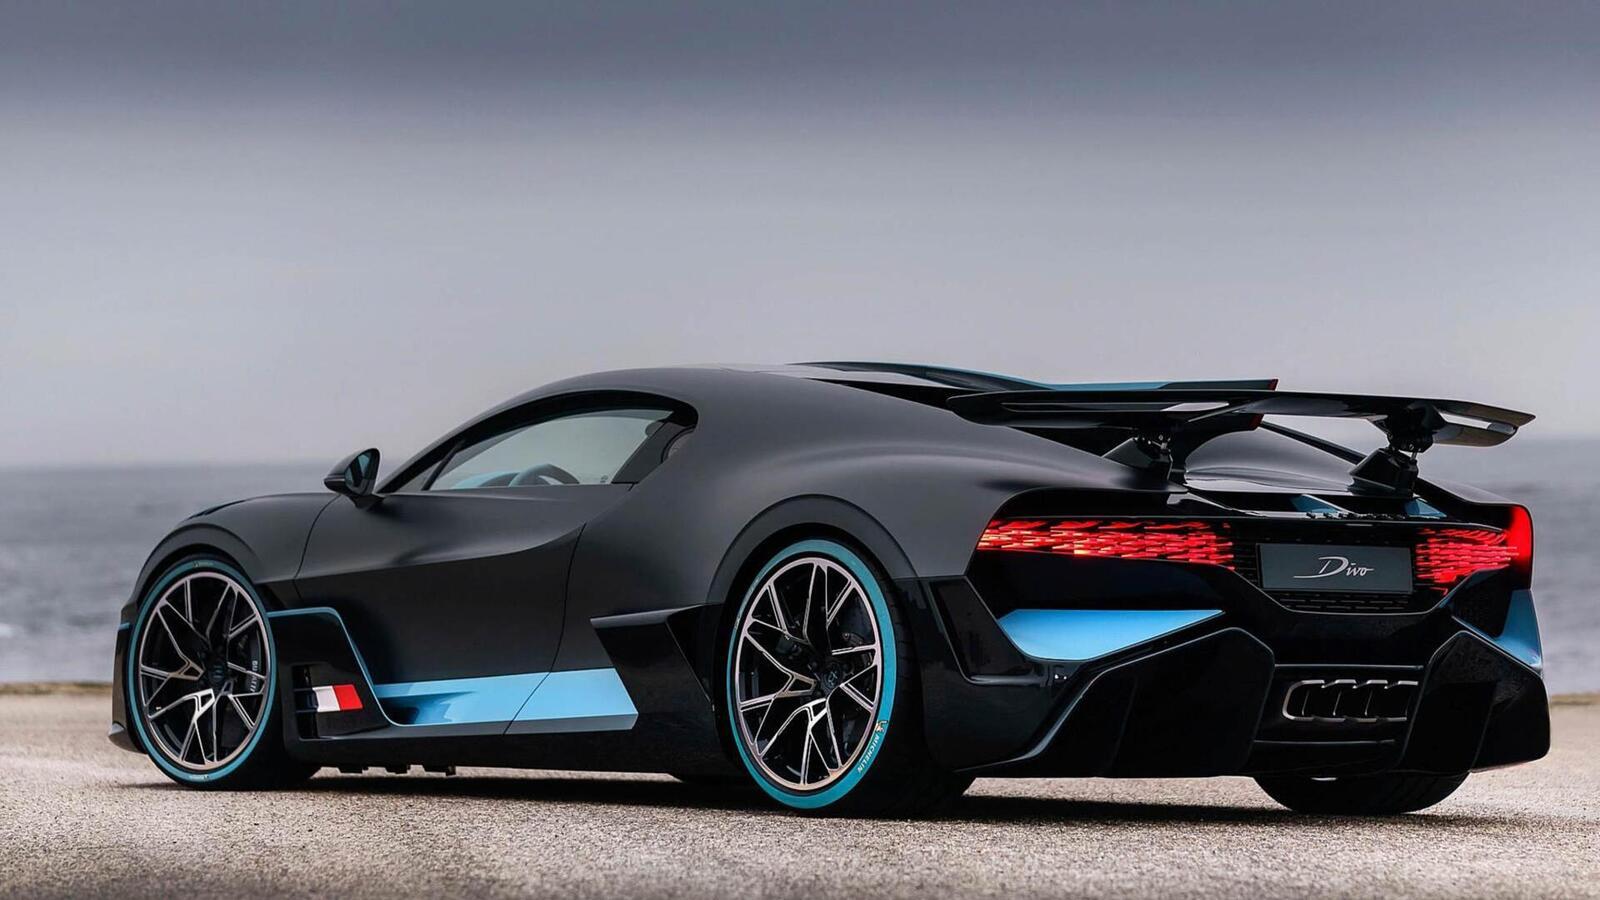 Một trong 40 chiếc Bugatti Divo đang được bán với giá 7,5 triệu USD (hơn 173 tỷ đồng) - Hình 15